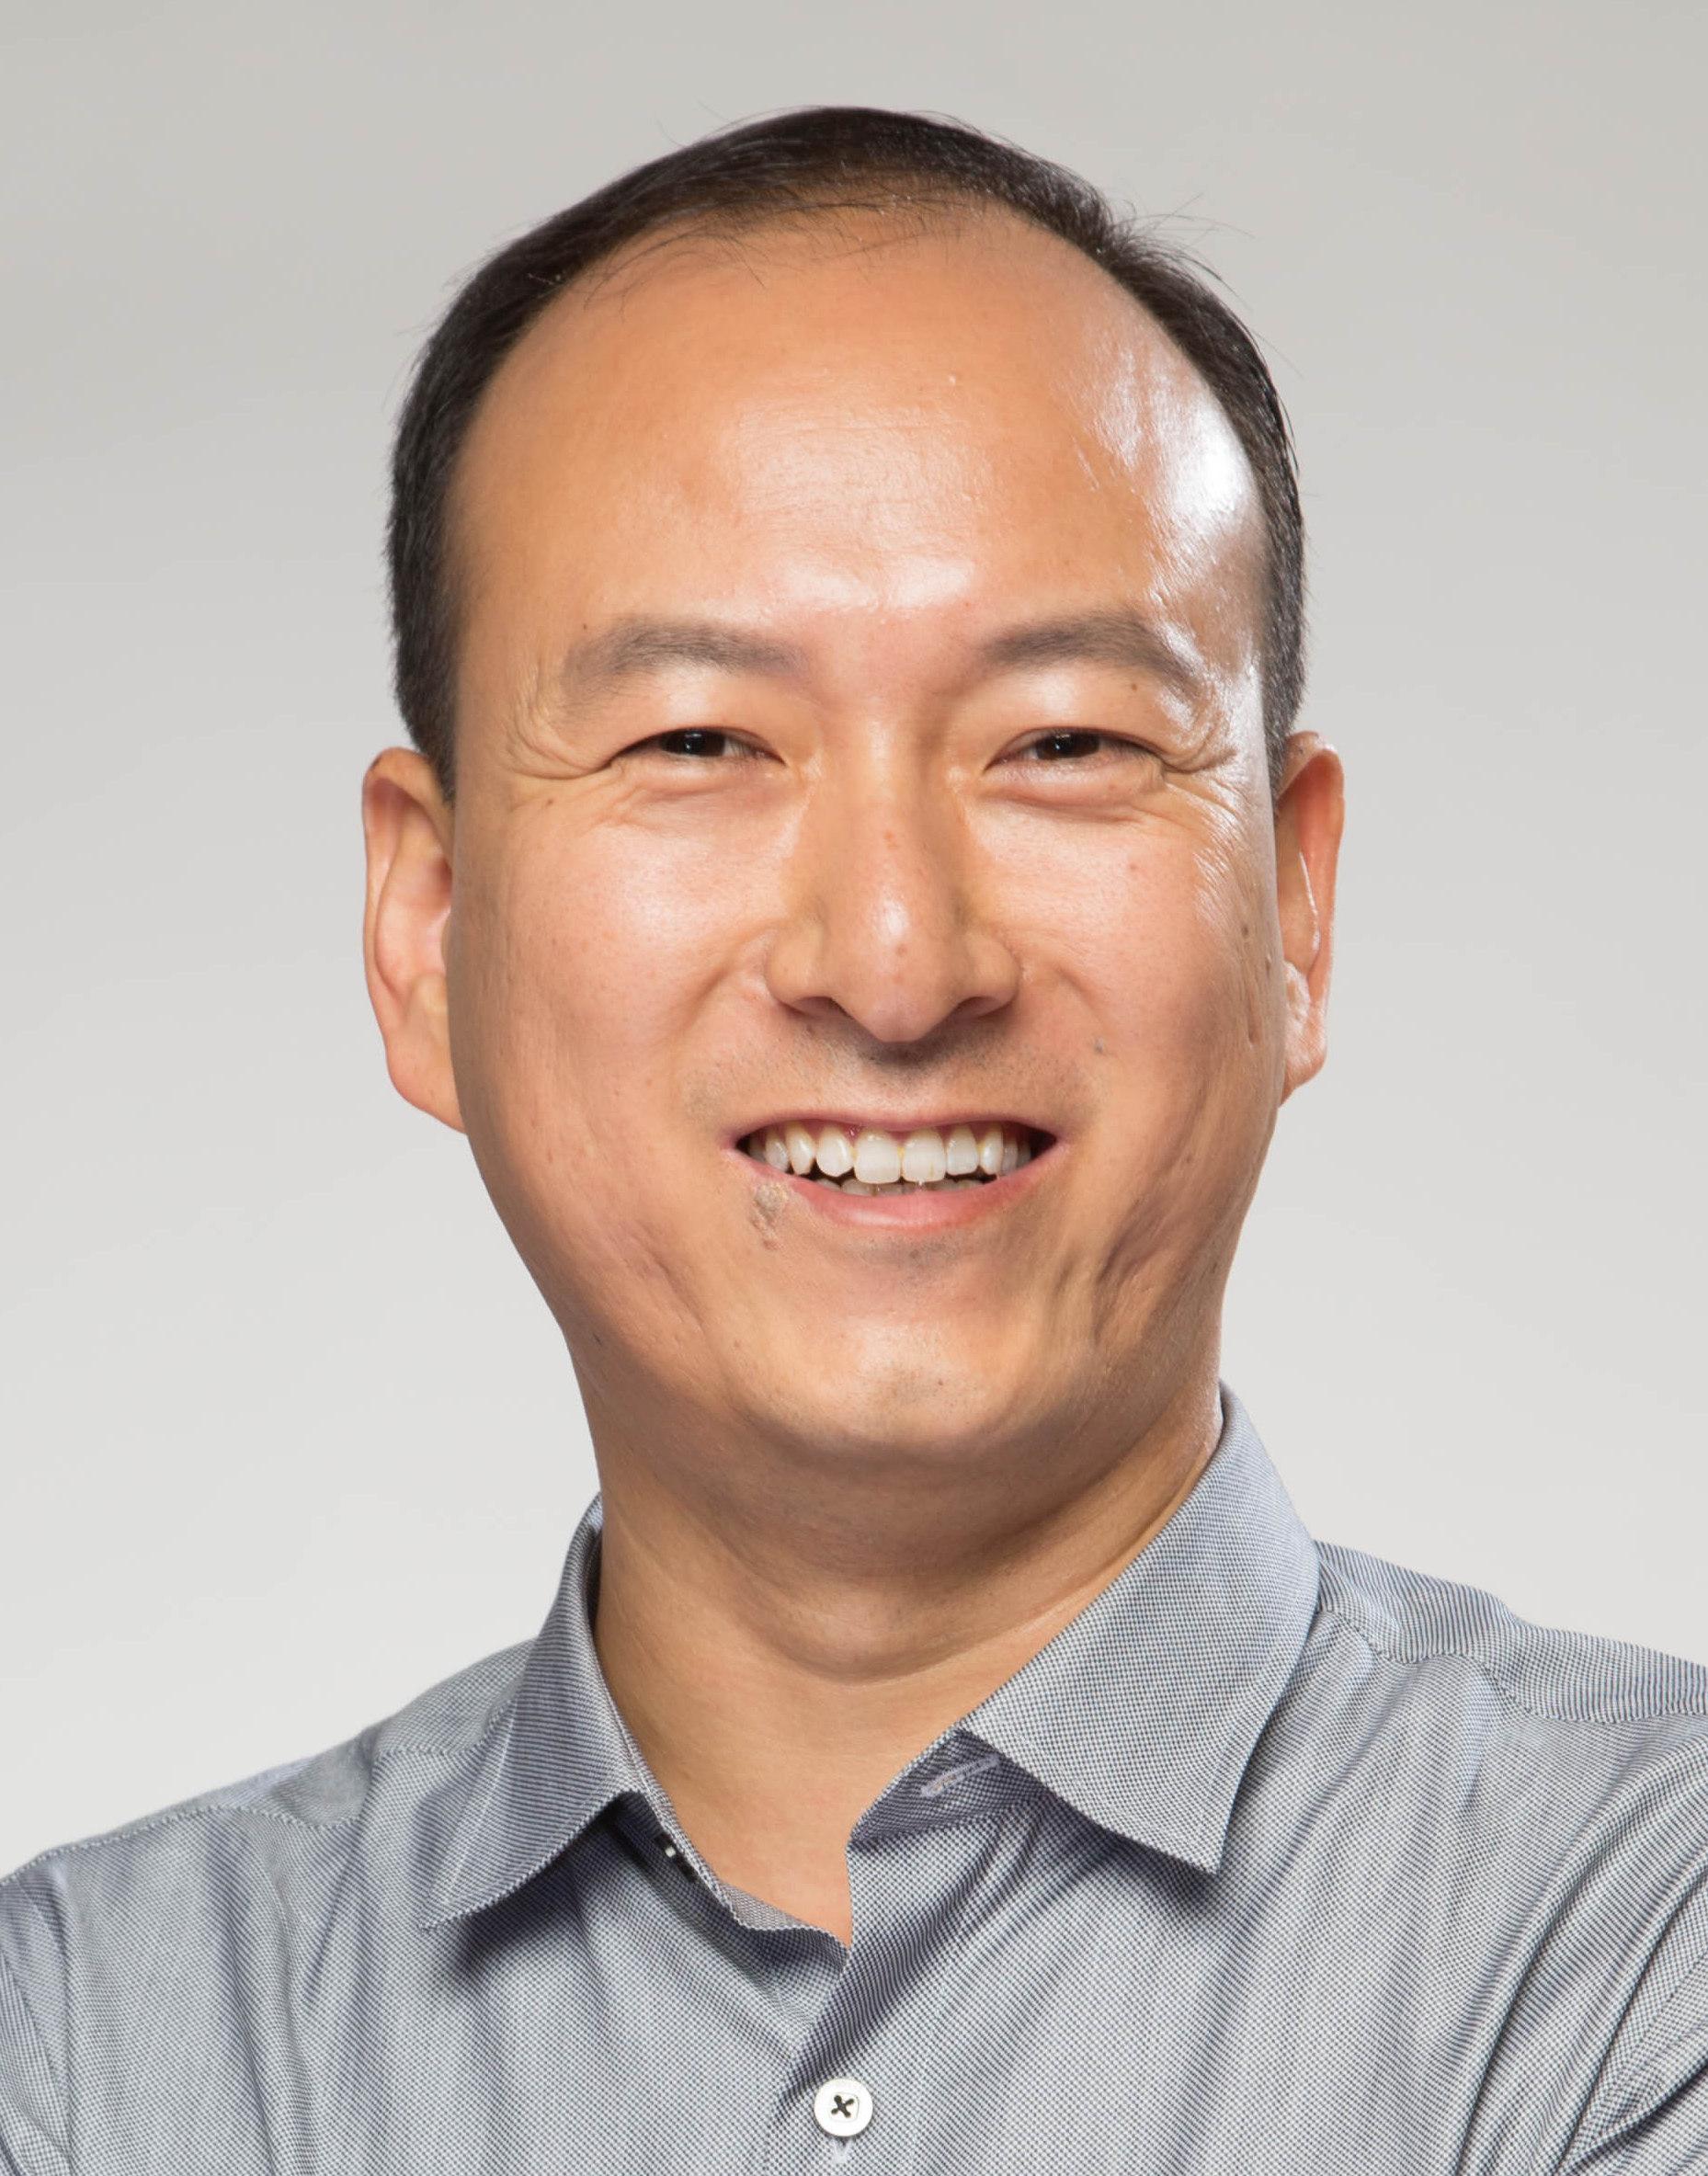 雷柏科技联合创始人李铮照片